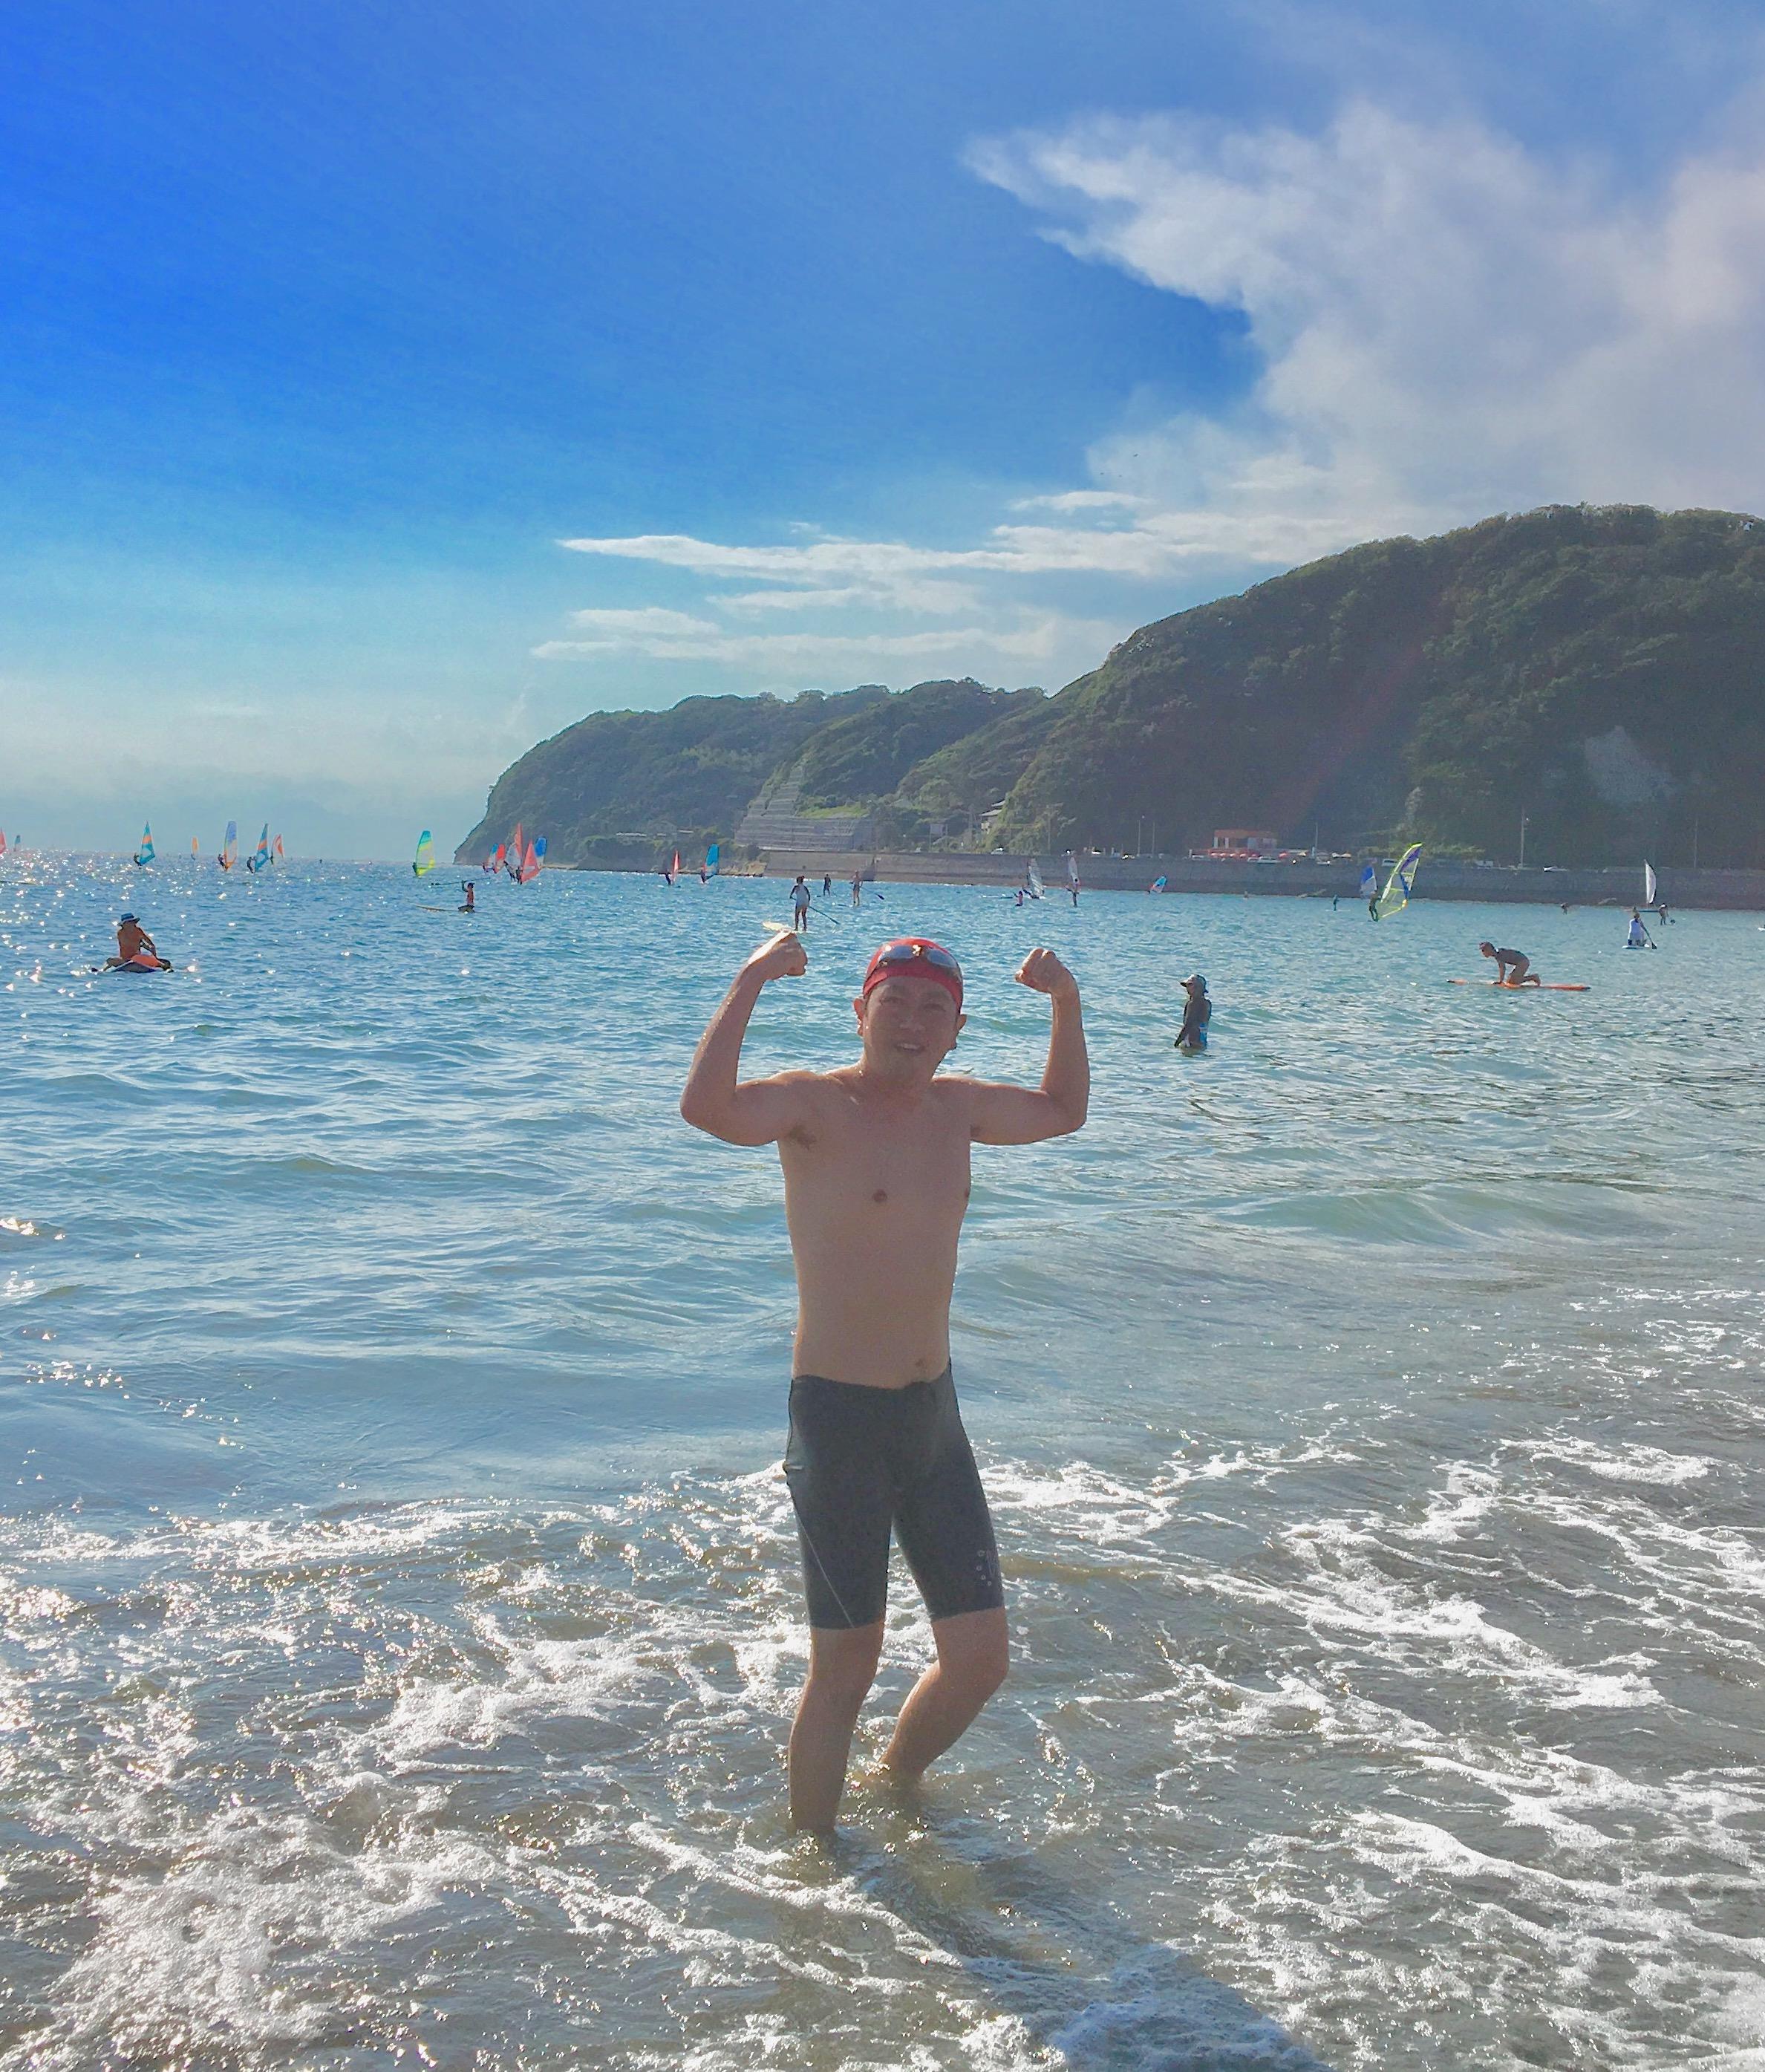 RUN伴+三浦半島・遠泳チームの応援で逗子海岸へ